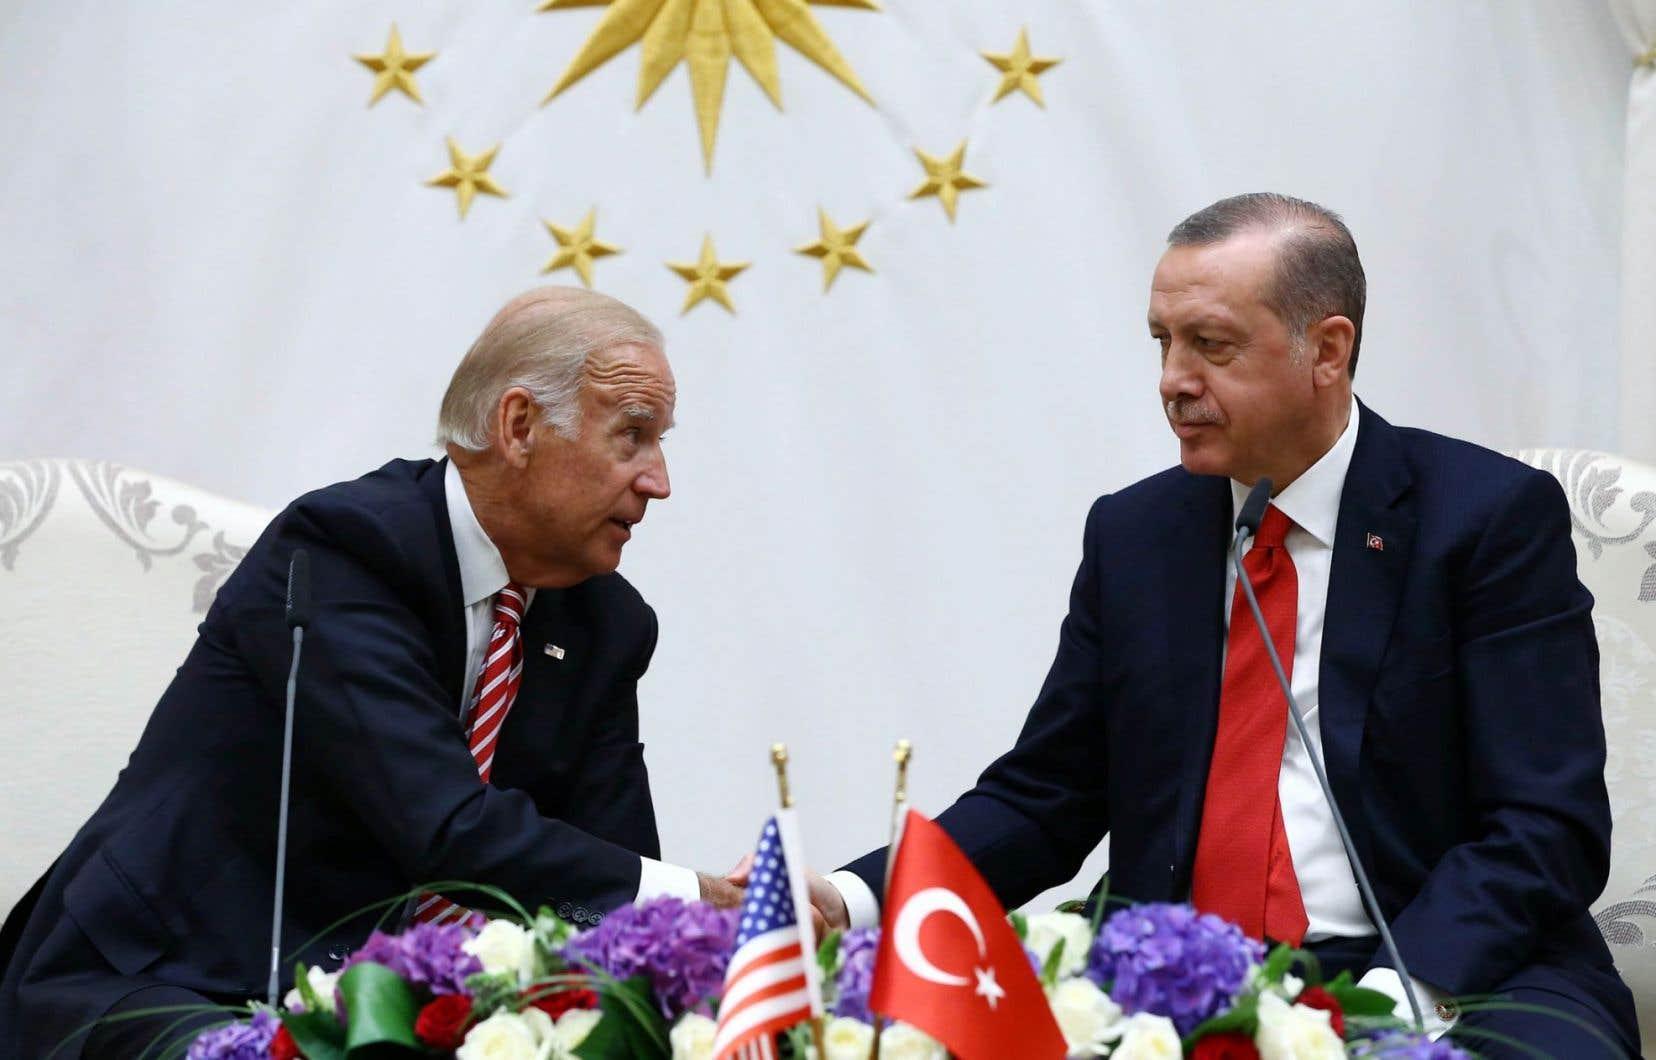 Joe Biden en réunion avecRecep Tayyip Erdogan le 24 août dernier